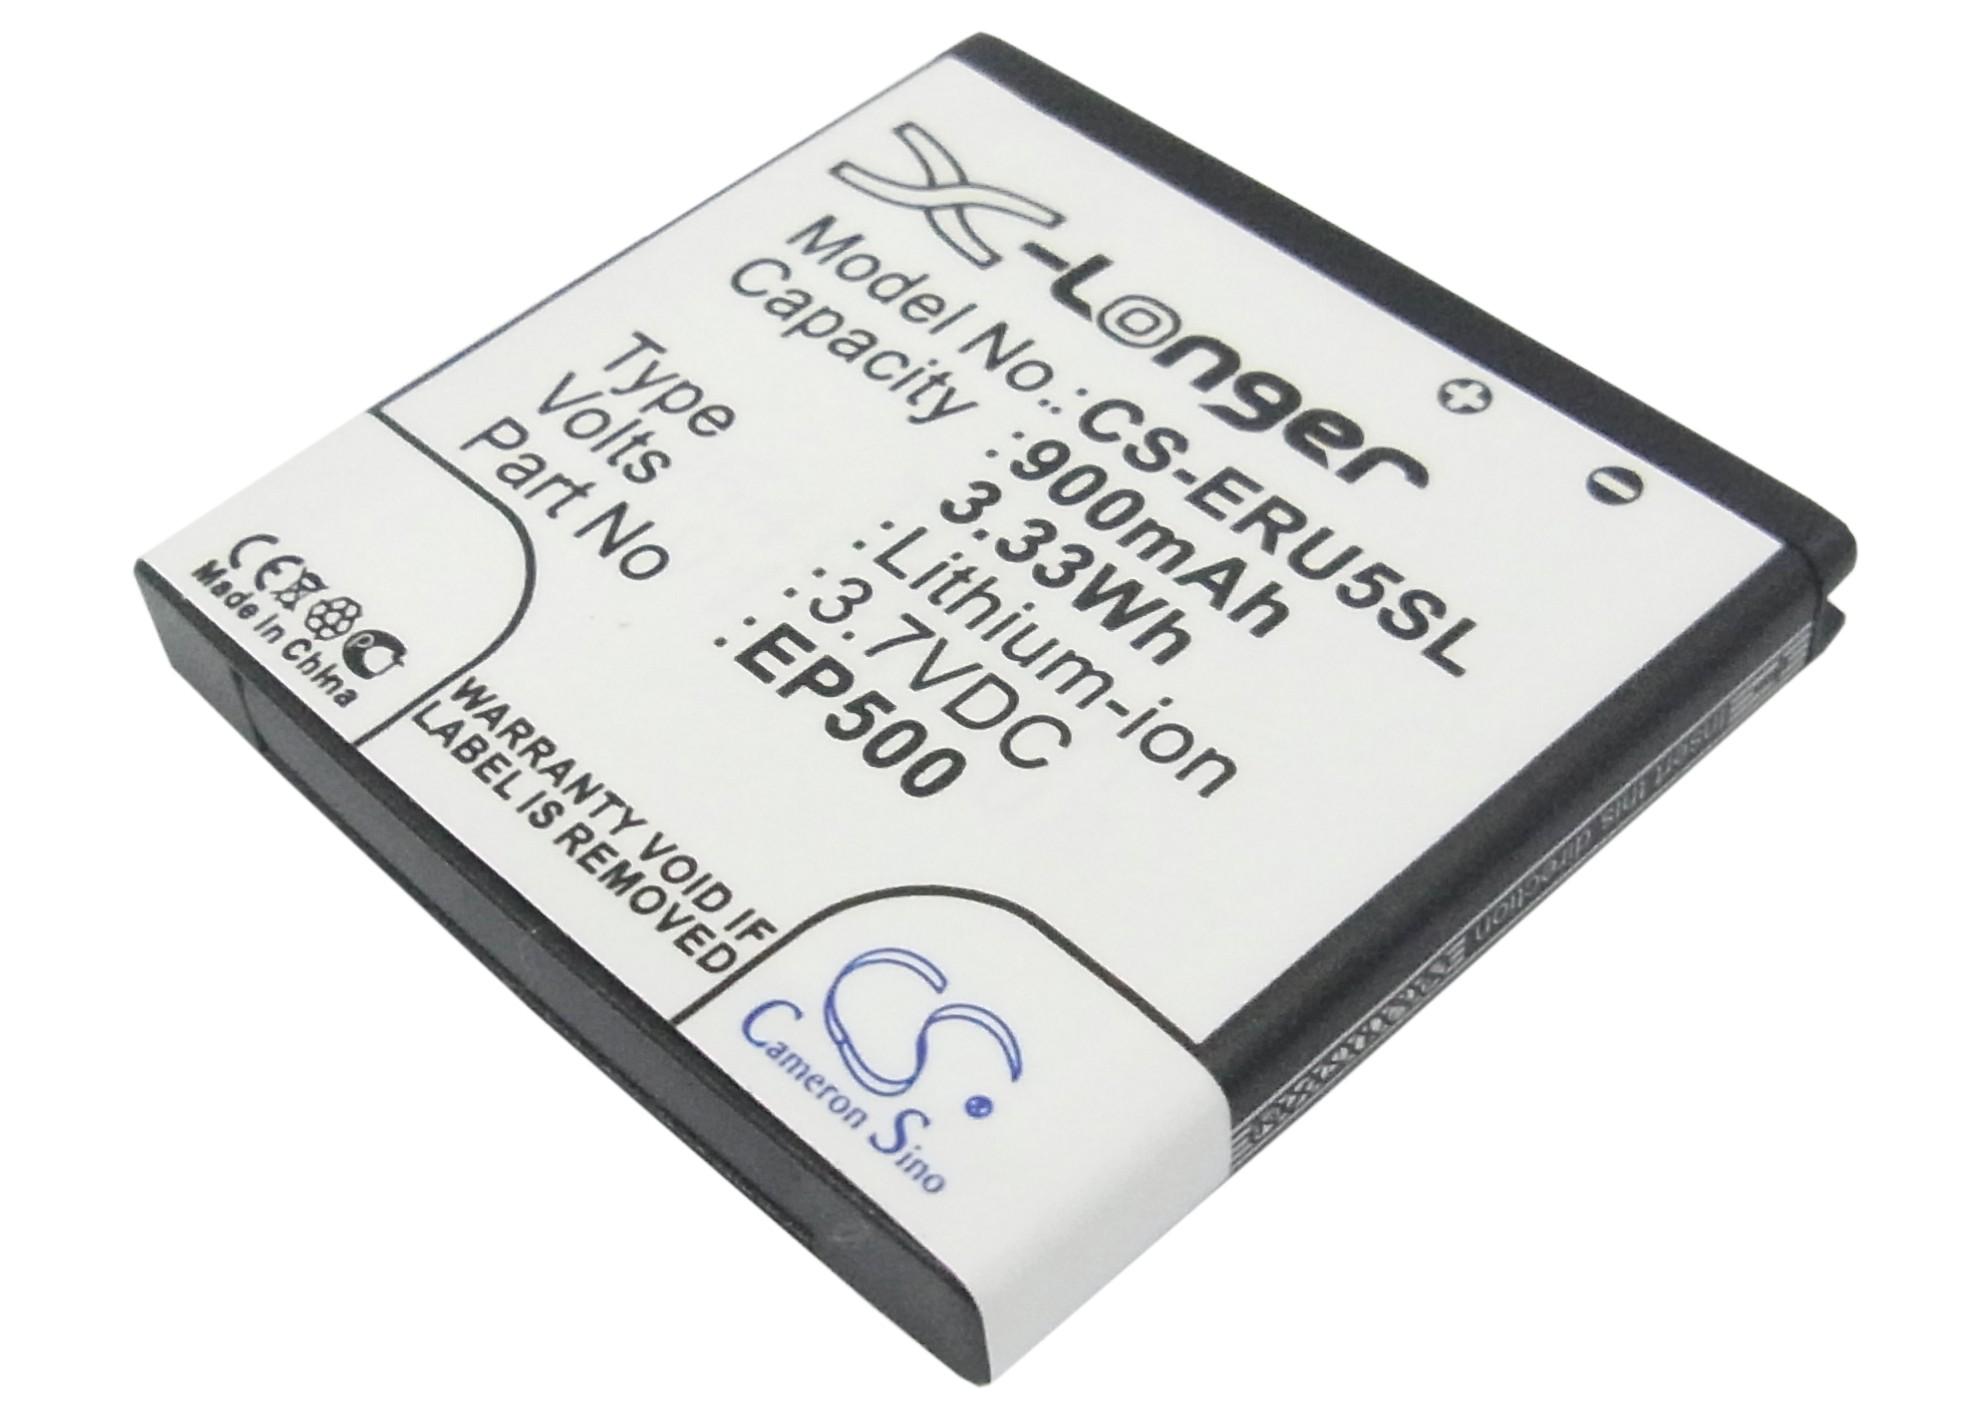 Cameron Sino baterie do mobilů pro SONY ERICSSON SK17i 3.7V Li-ion 900mAh černá - neoriginální